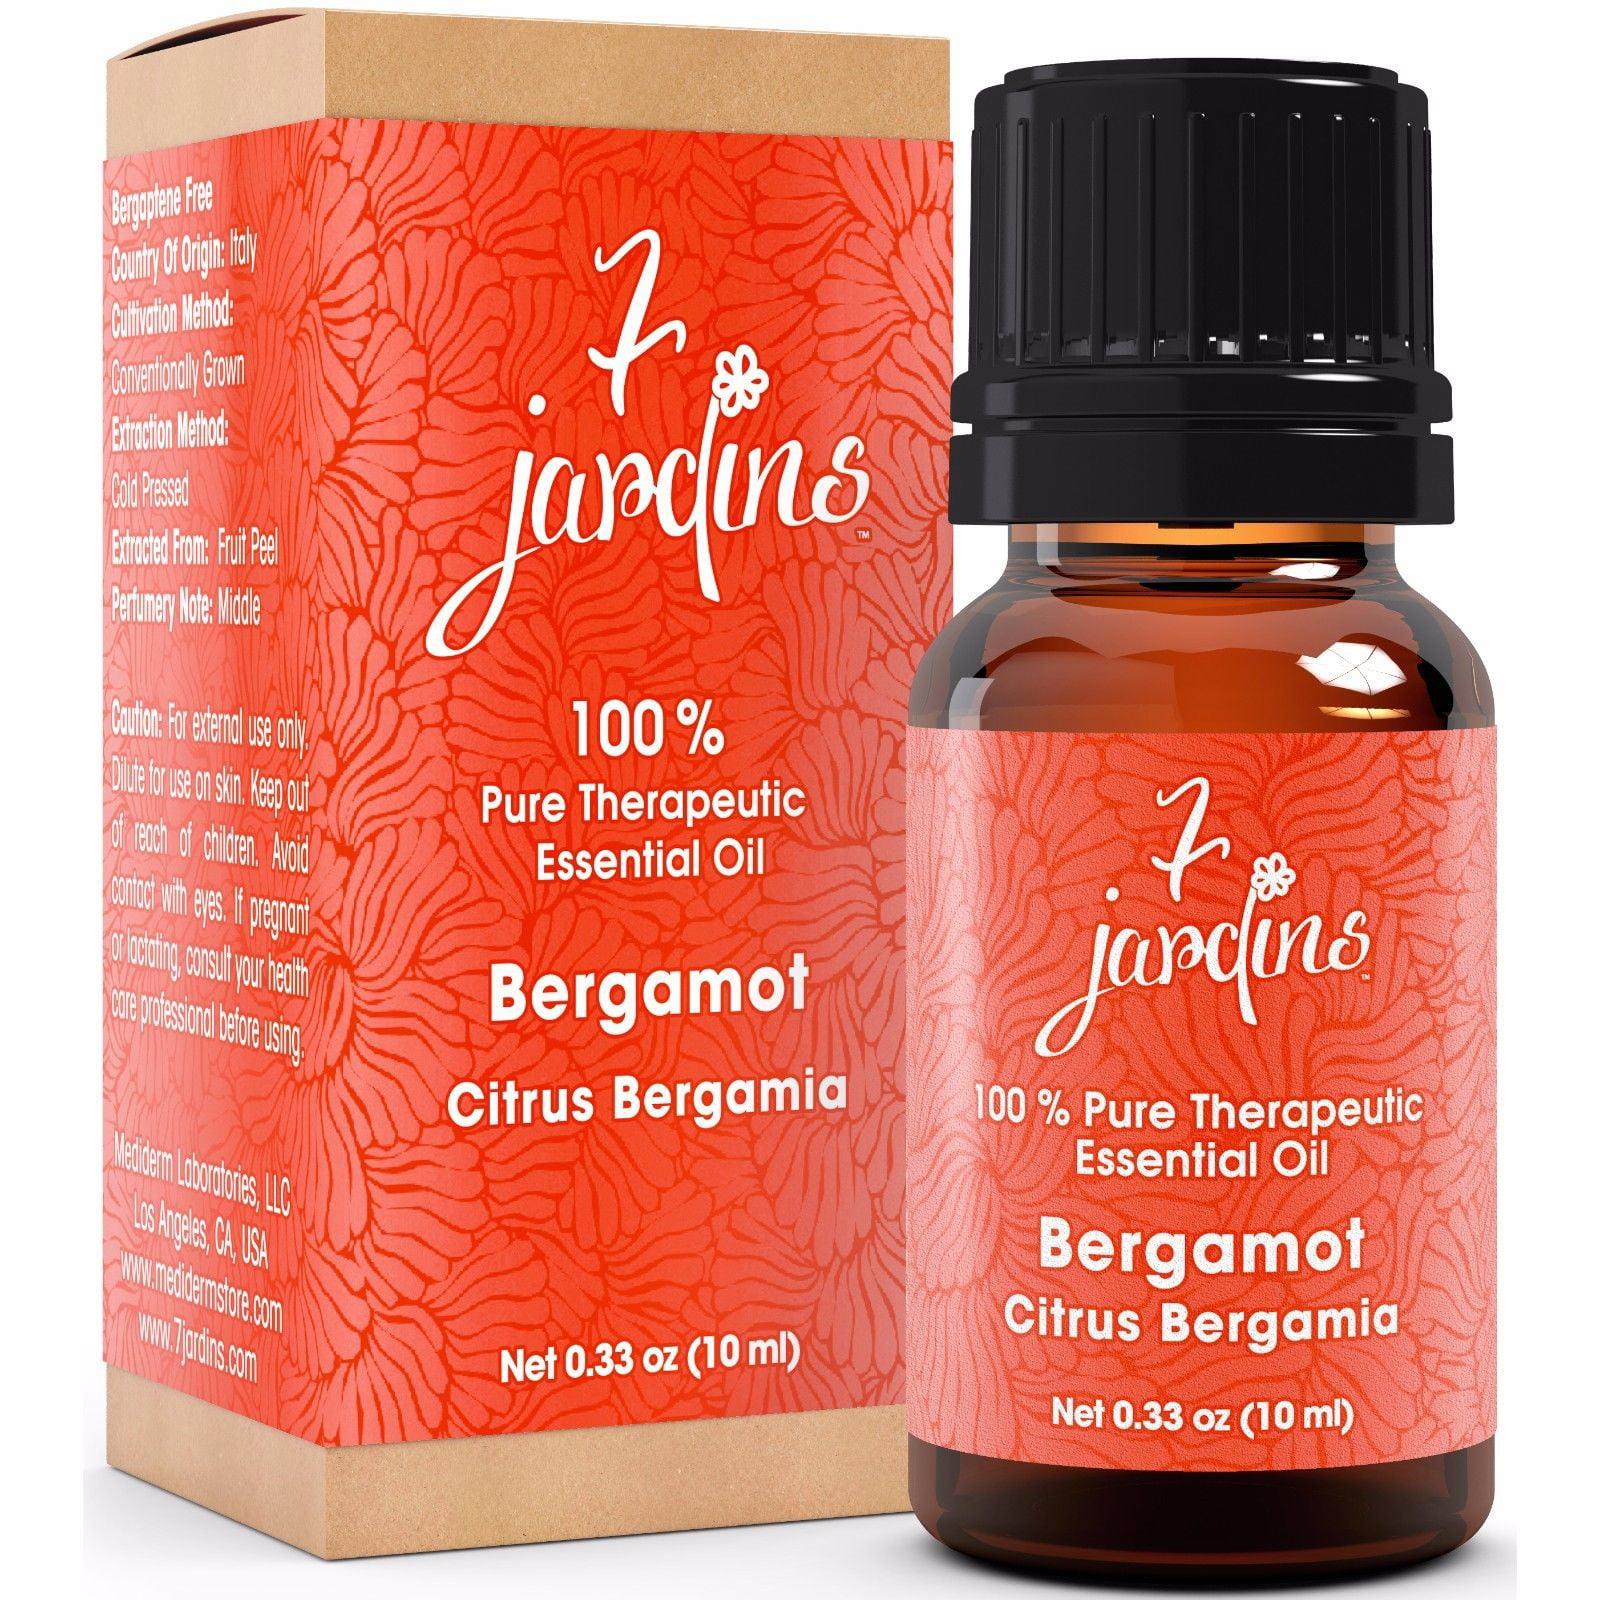 7 Jardins Therapeutic Essential Oil 100% Pure Bergamot Citrus Bergamia -10ml